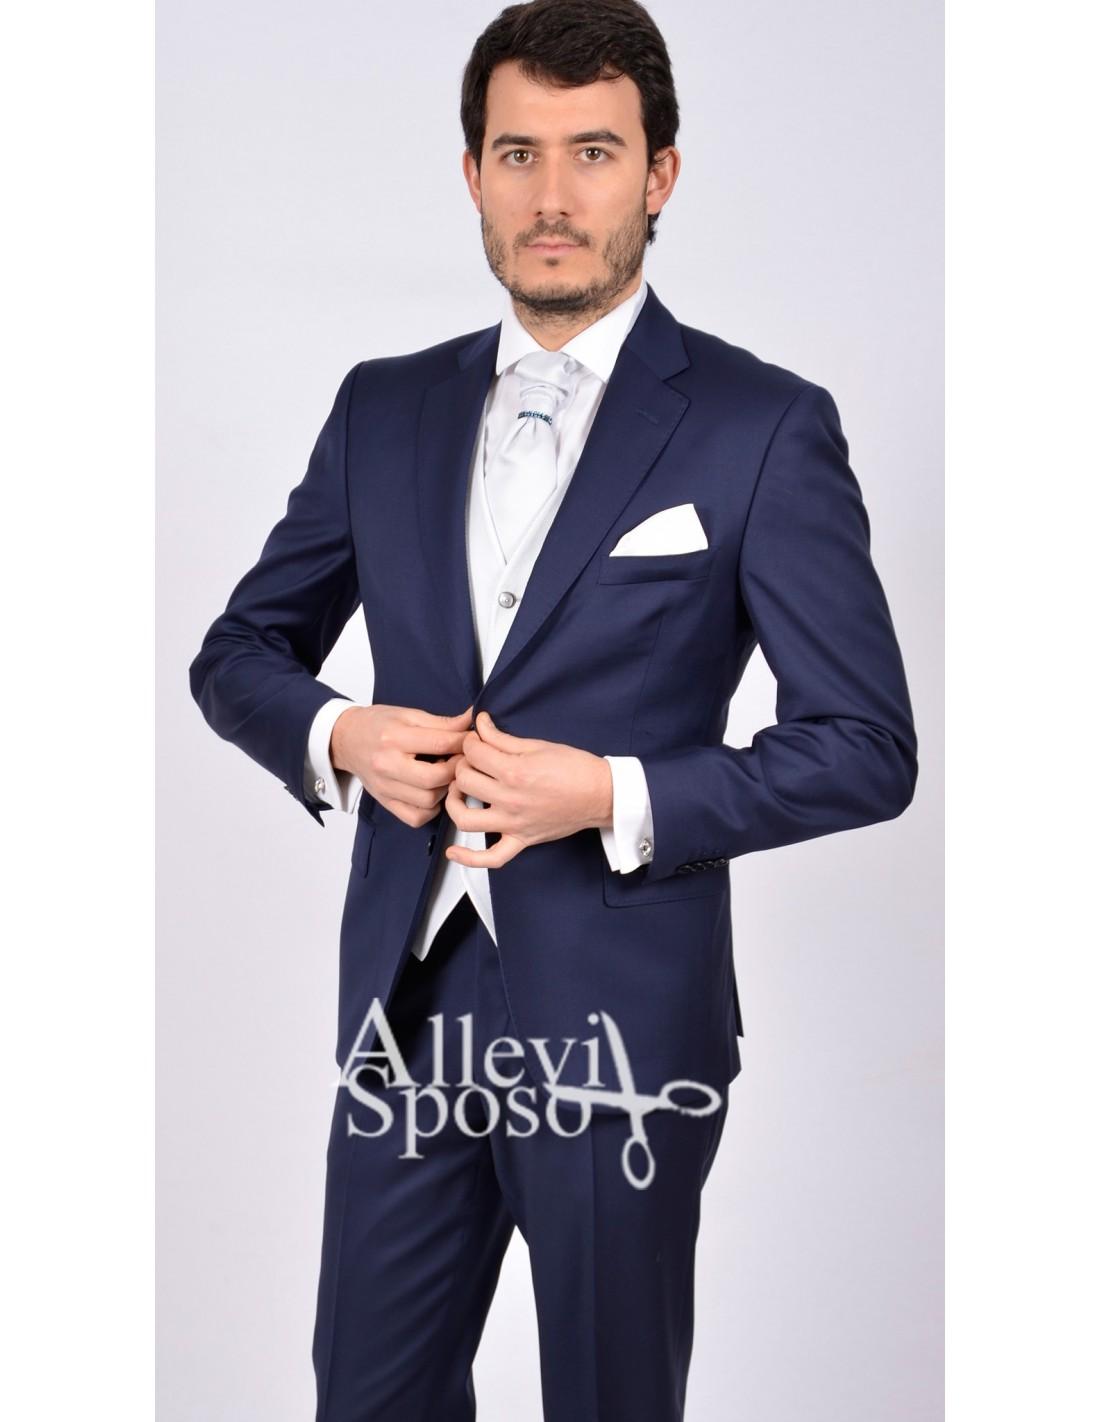 8a533695da989d abito da sposo blu elettrico opaco con gilet grigio chiaro